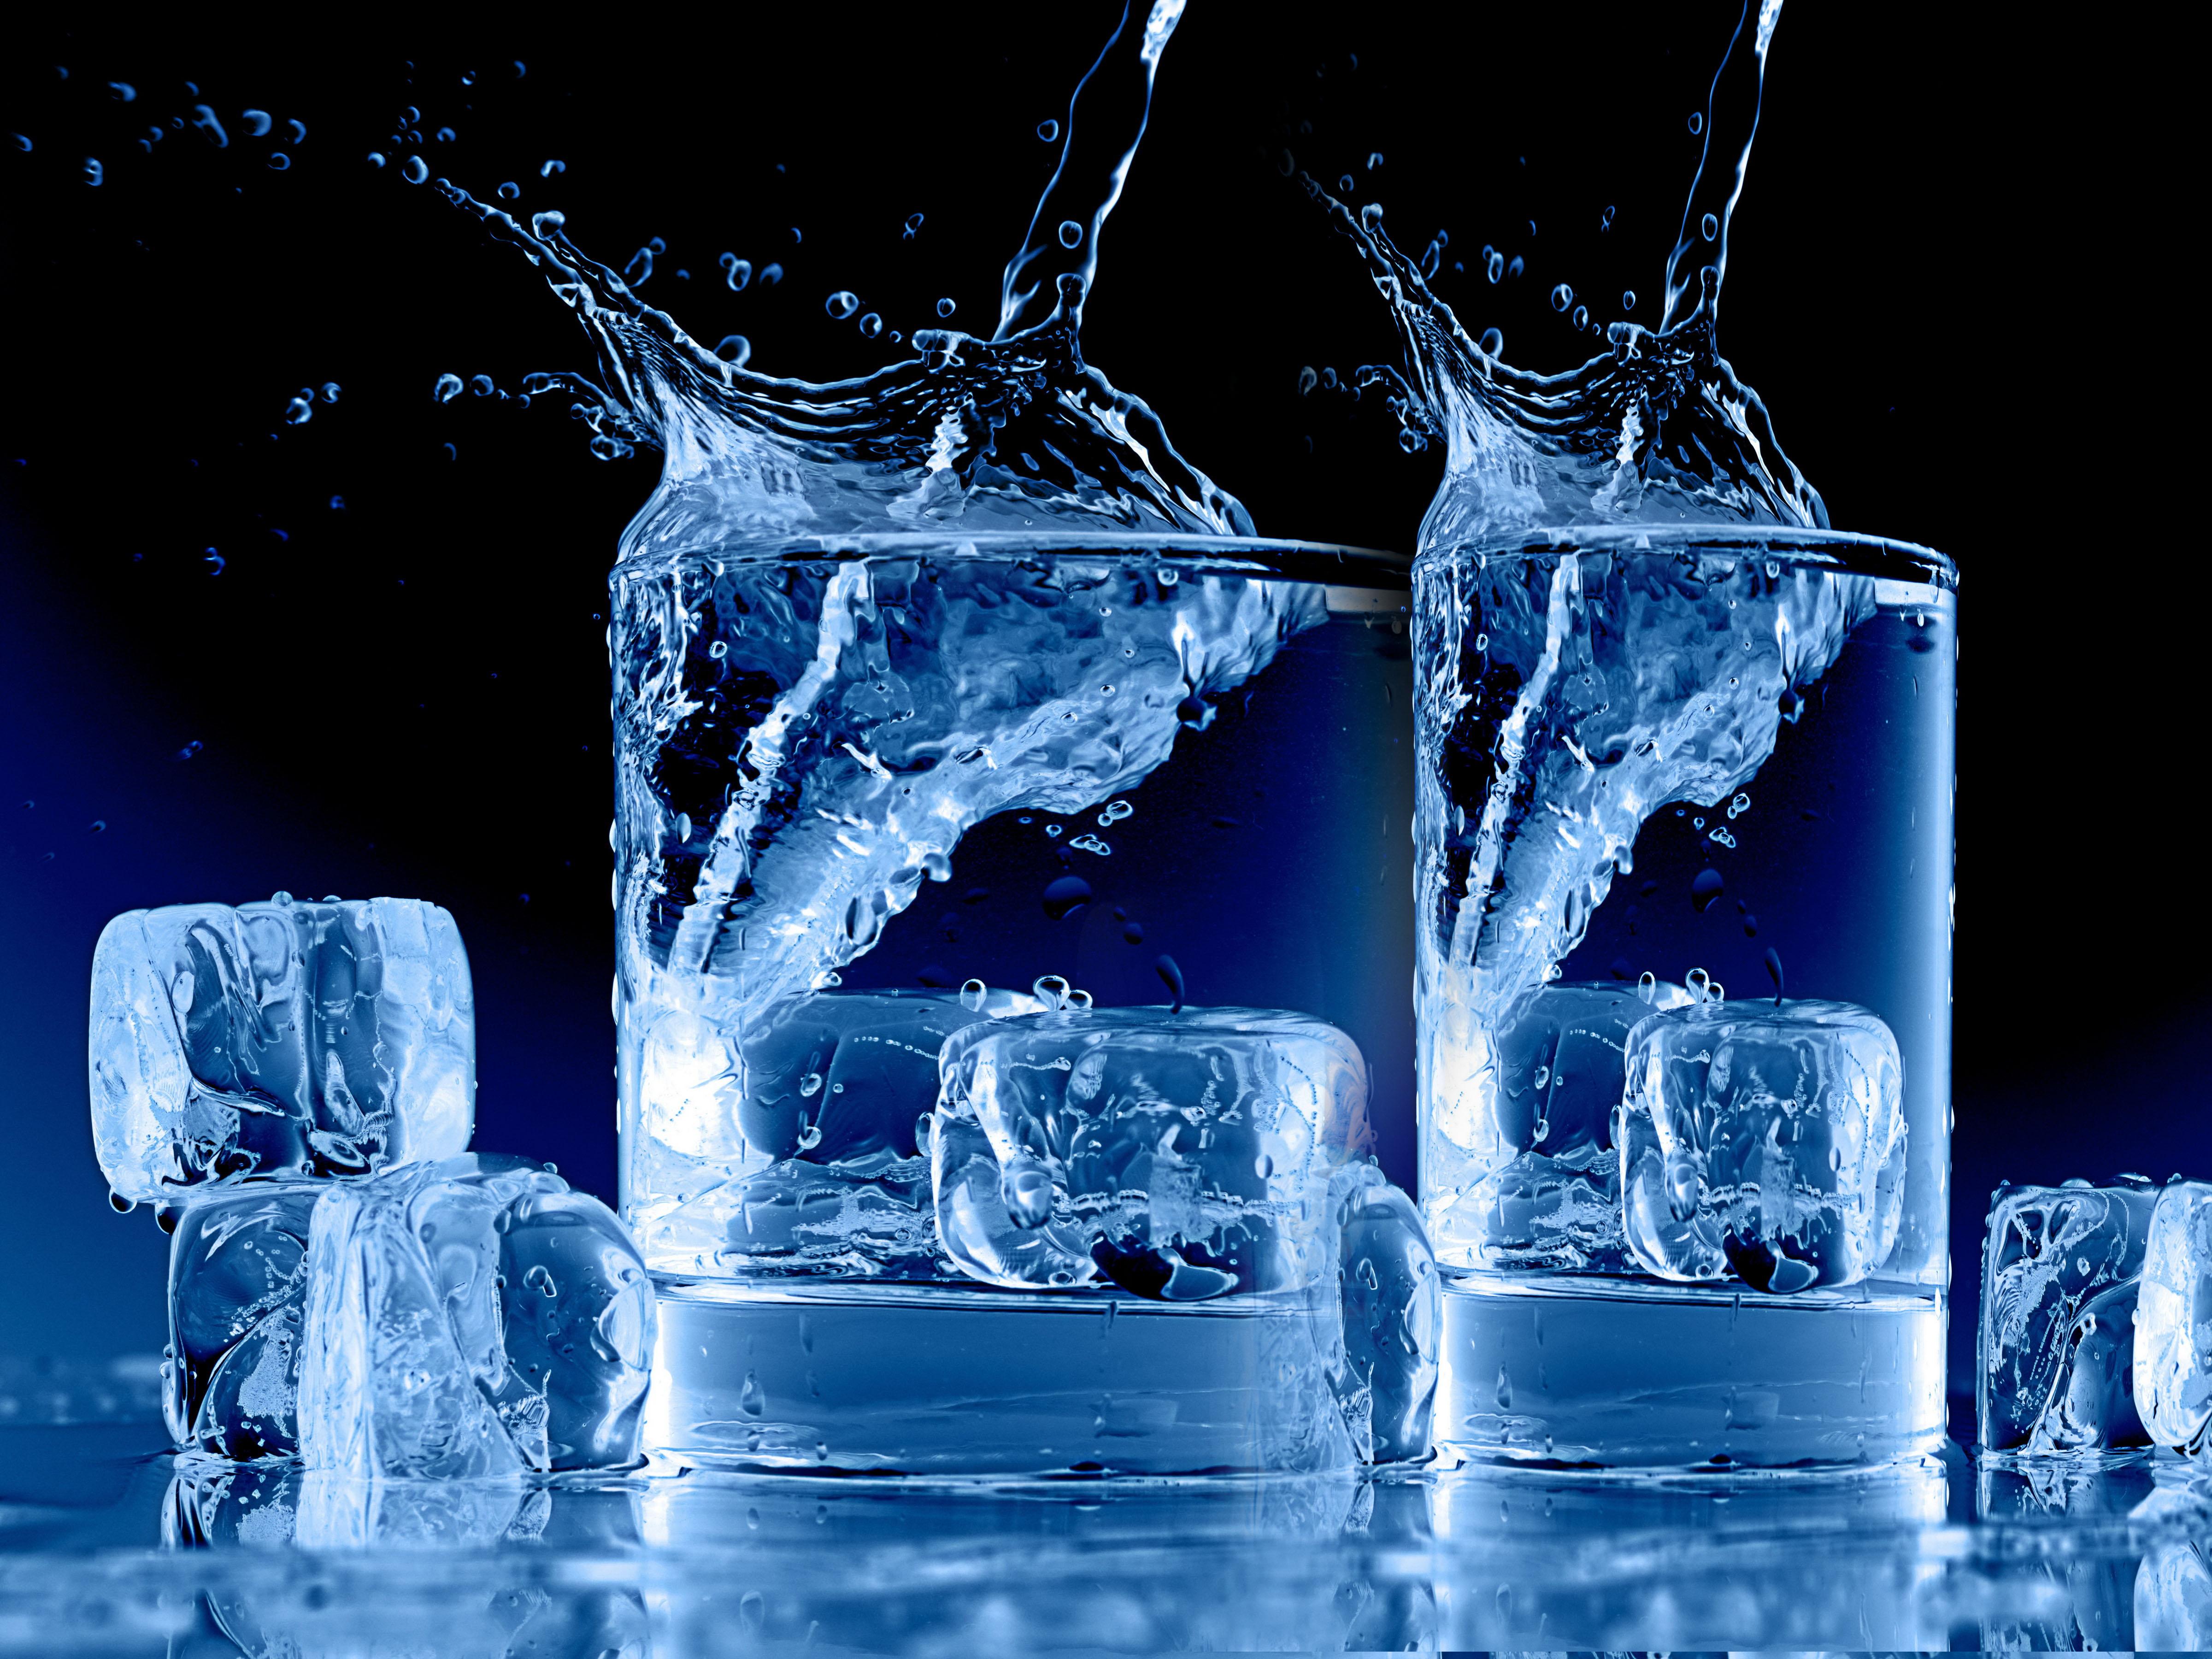 Почему есть хлорная вода бромная вода но нет фторной воды